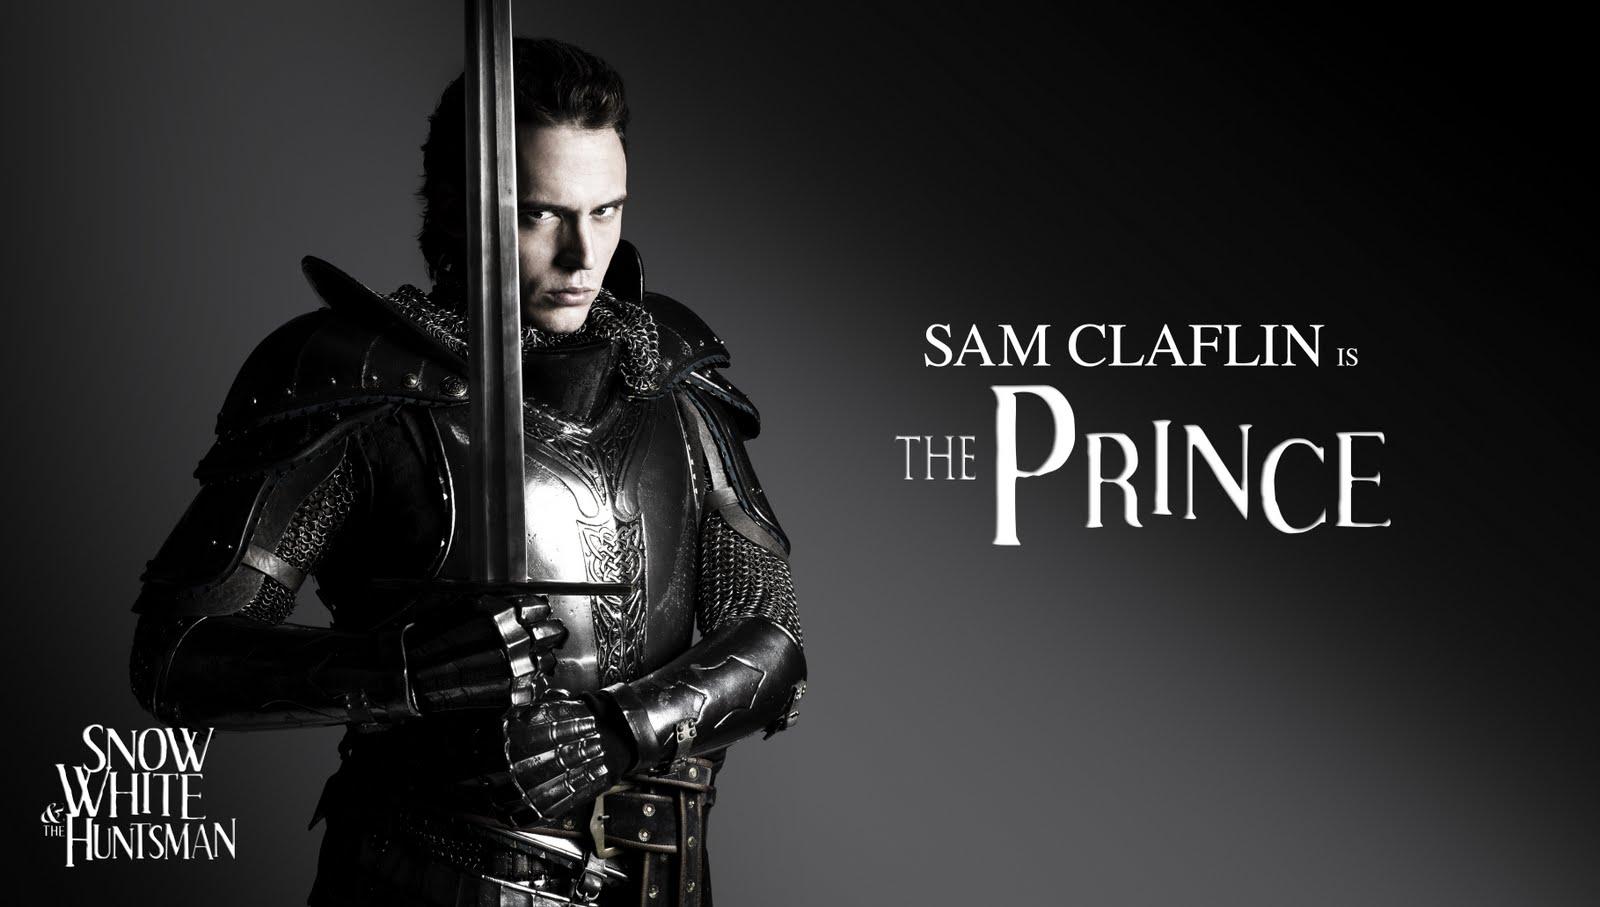 http://4.bp.blogspot.com/-q3ADjNnxWx0/TitdpWWgrCI/AAAAAAAAAyQ/fkeoxDVeIac/s1600/Snow+White+%2526+The+Huntsman+-+Prince.jpg